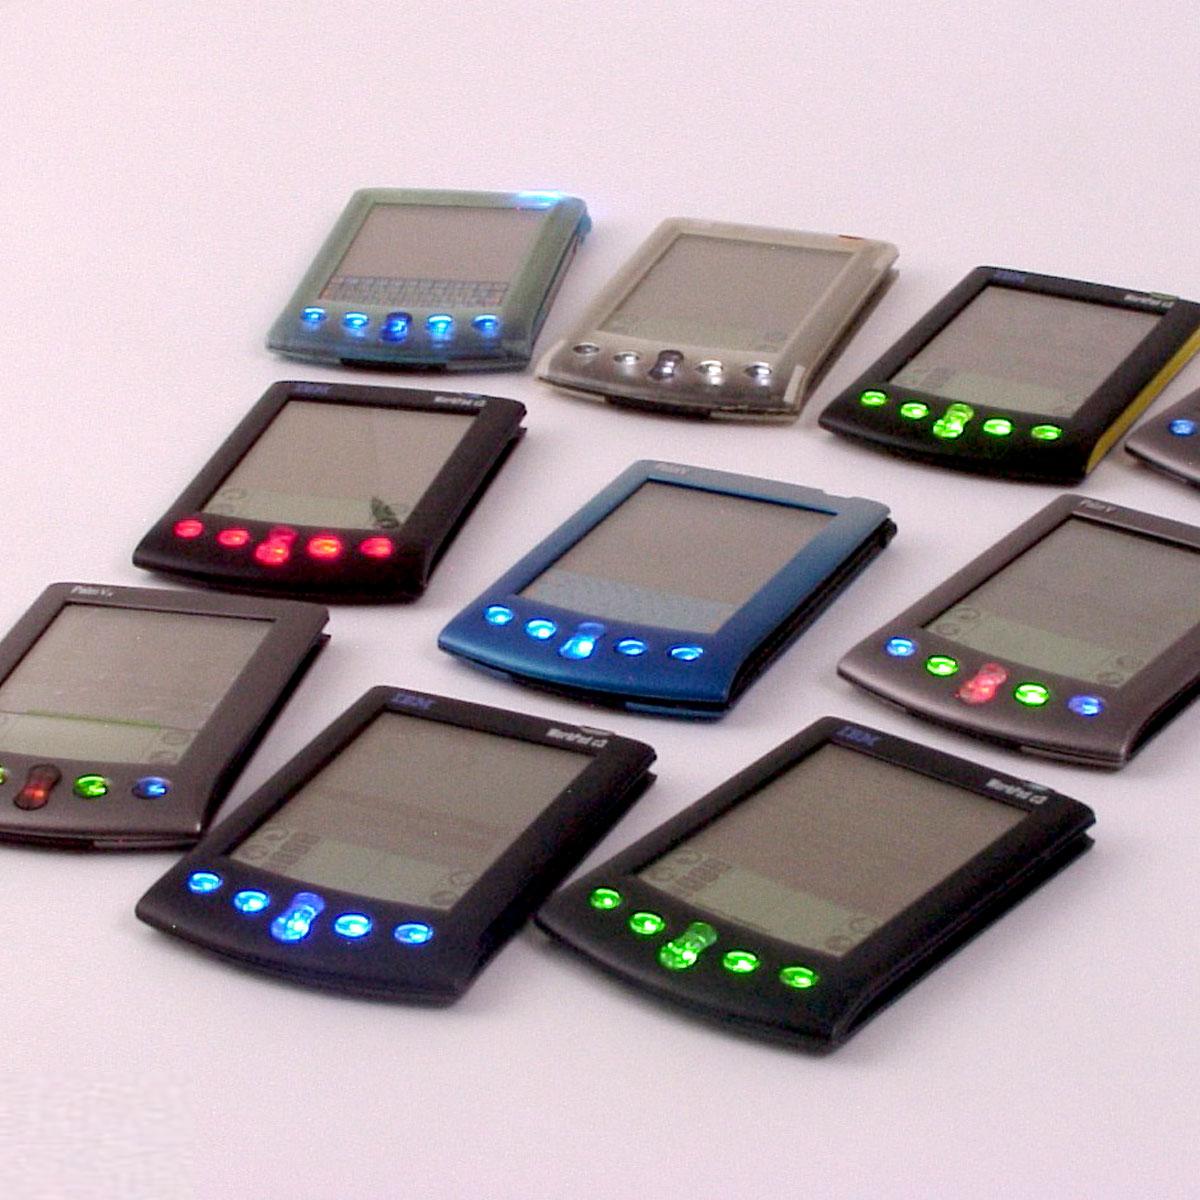 「オフ会で見せびらかすためにPalmを光らせる」PDA改造を通して見えたガジェット愛